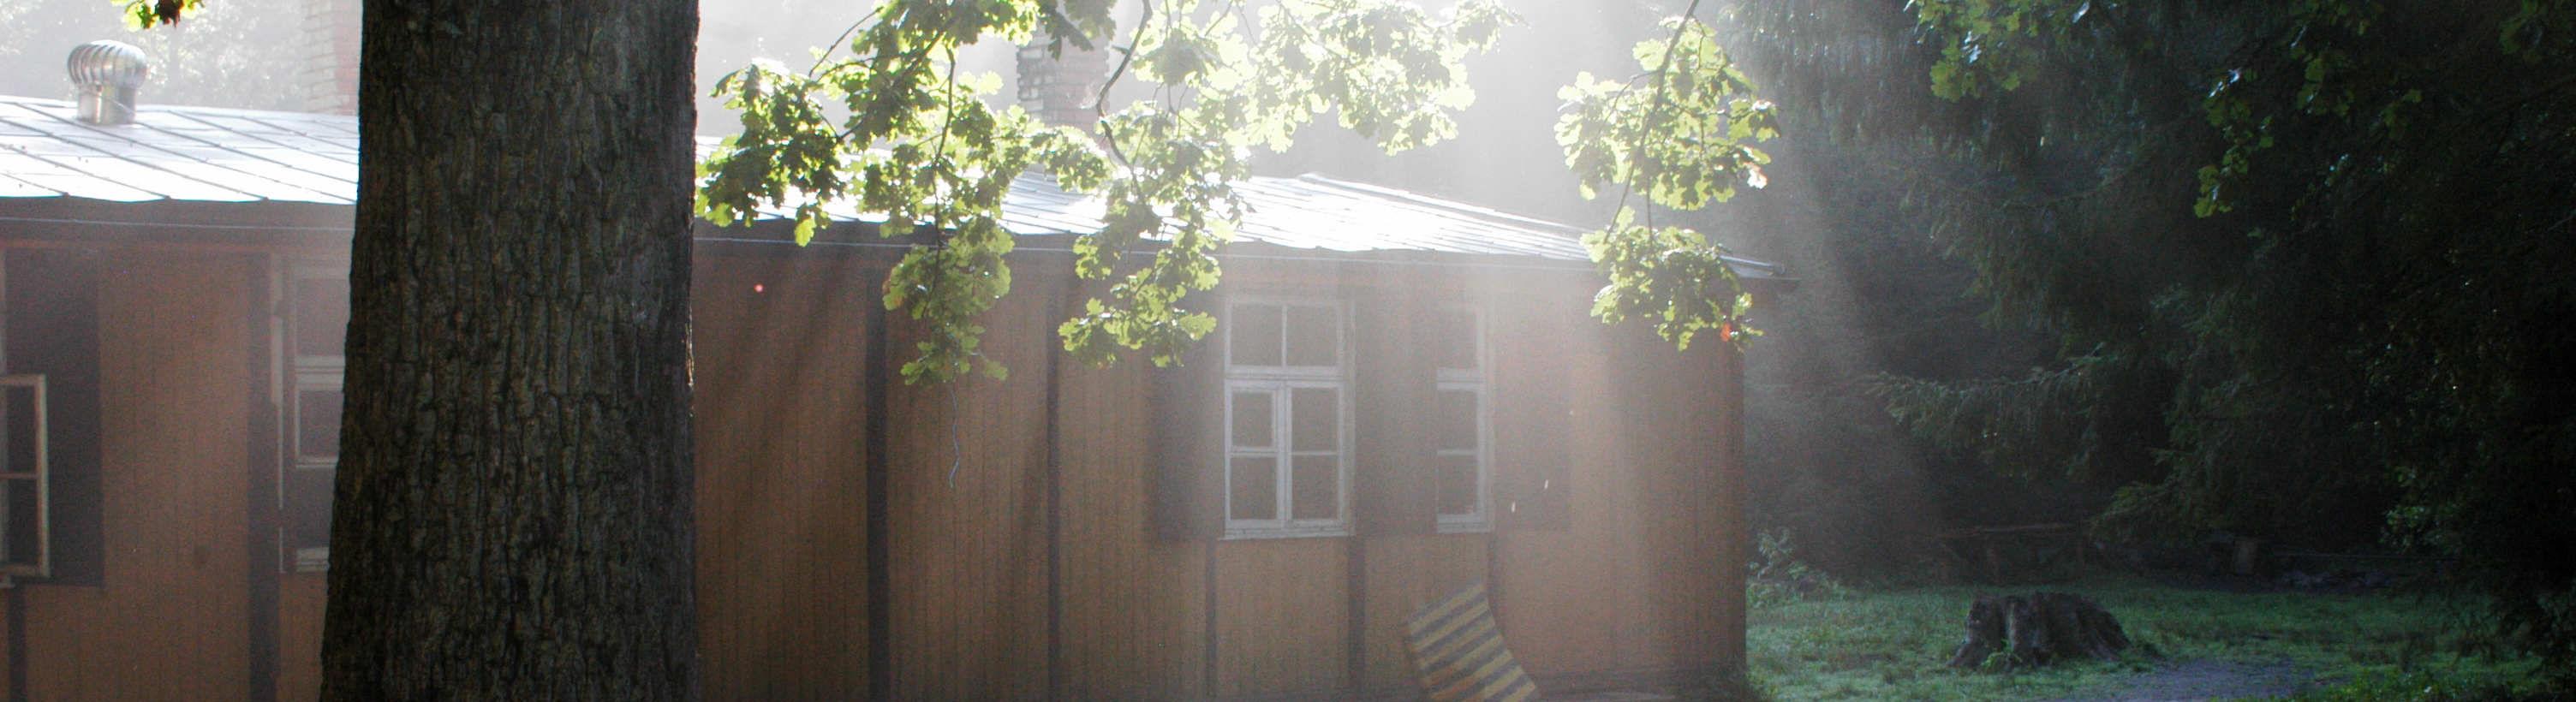 Chata uprostřed lesů